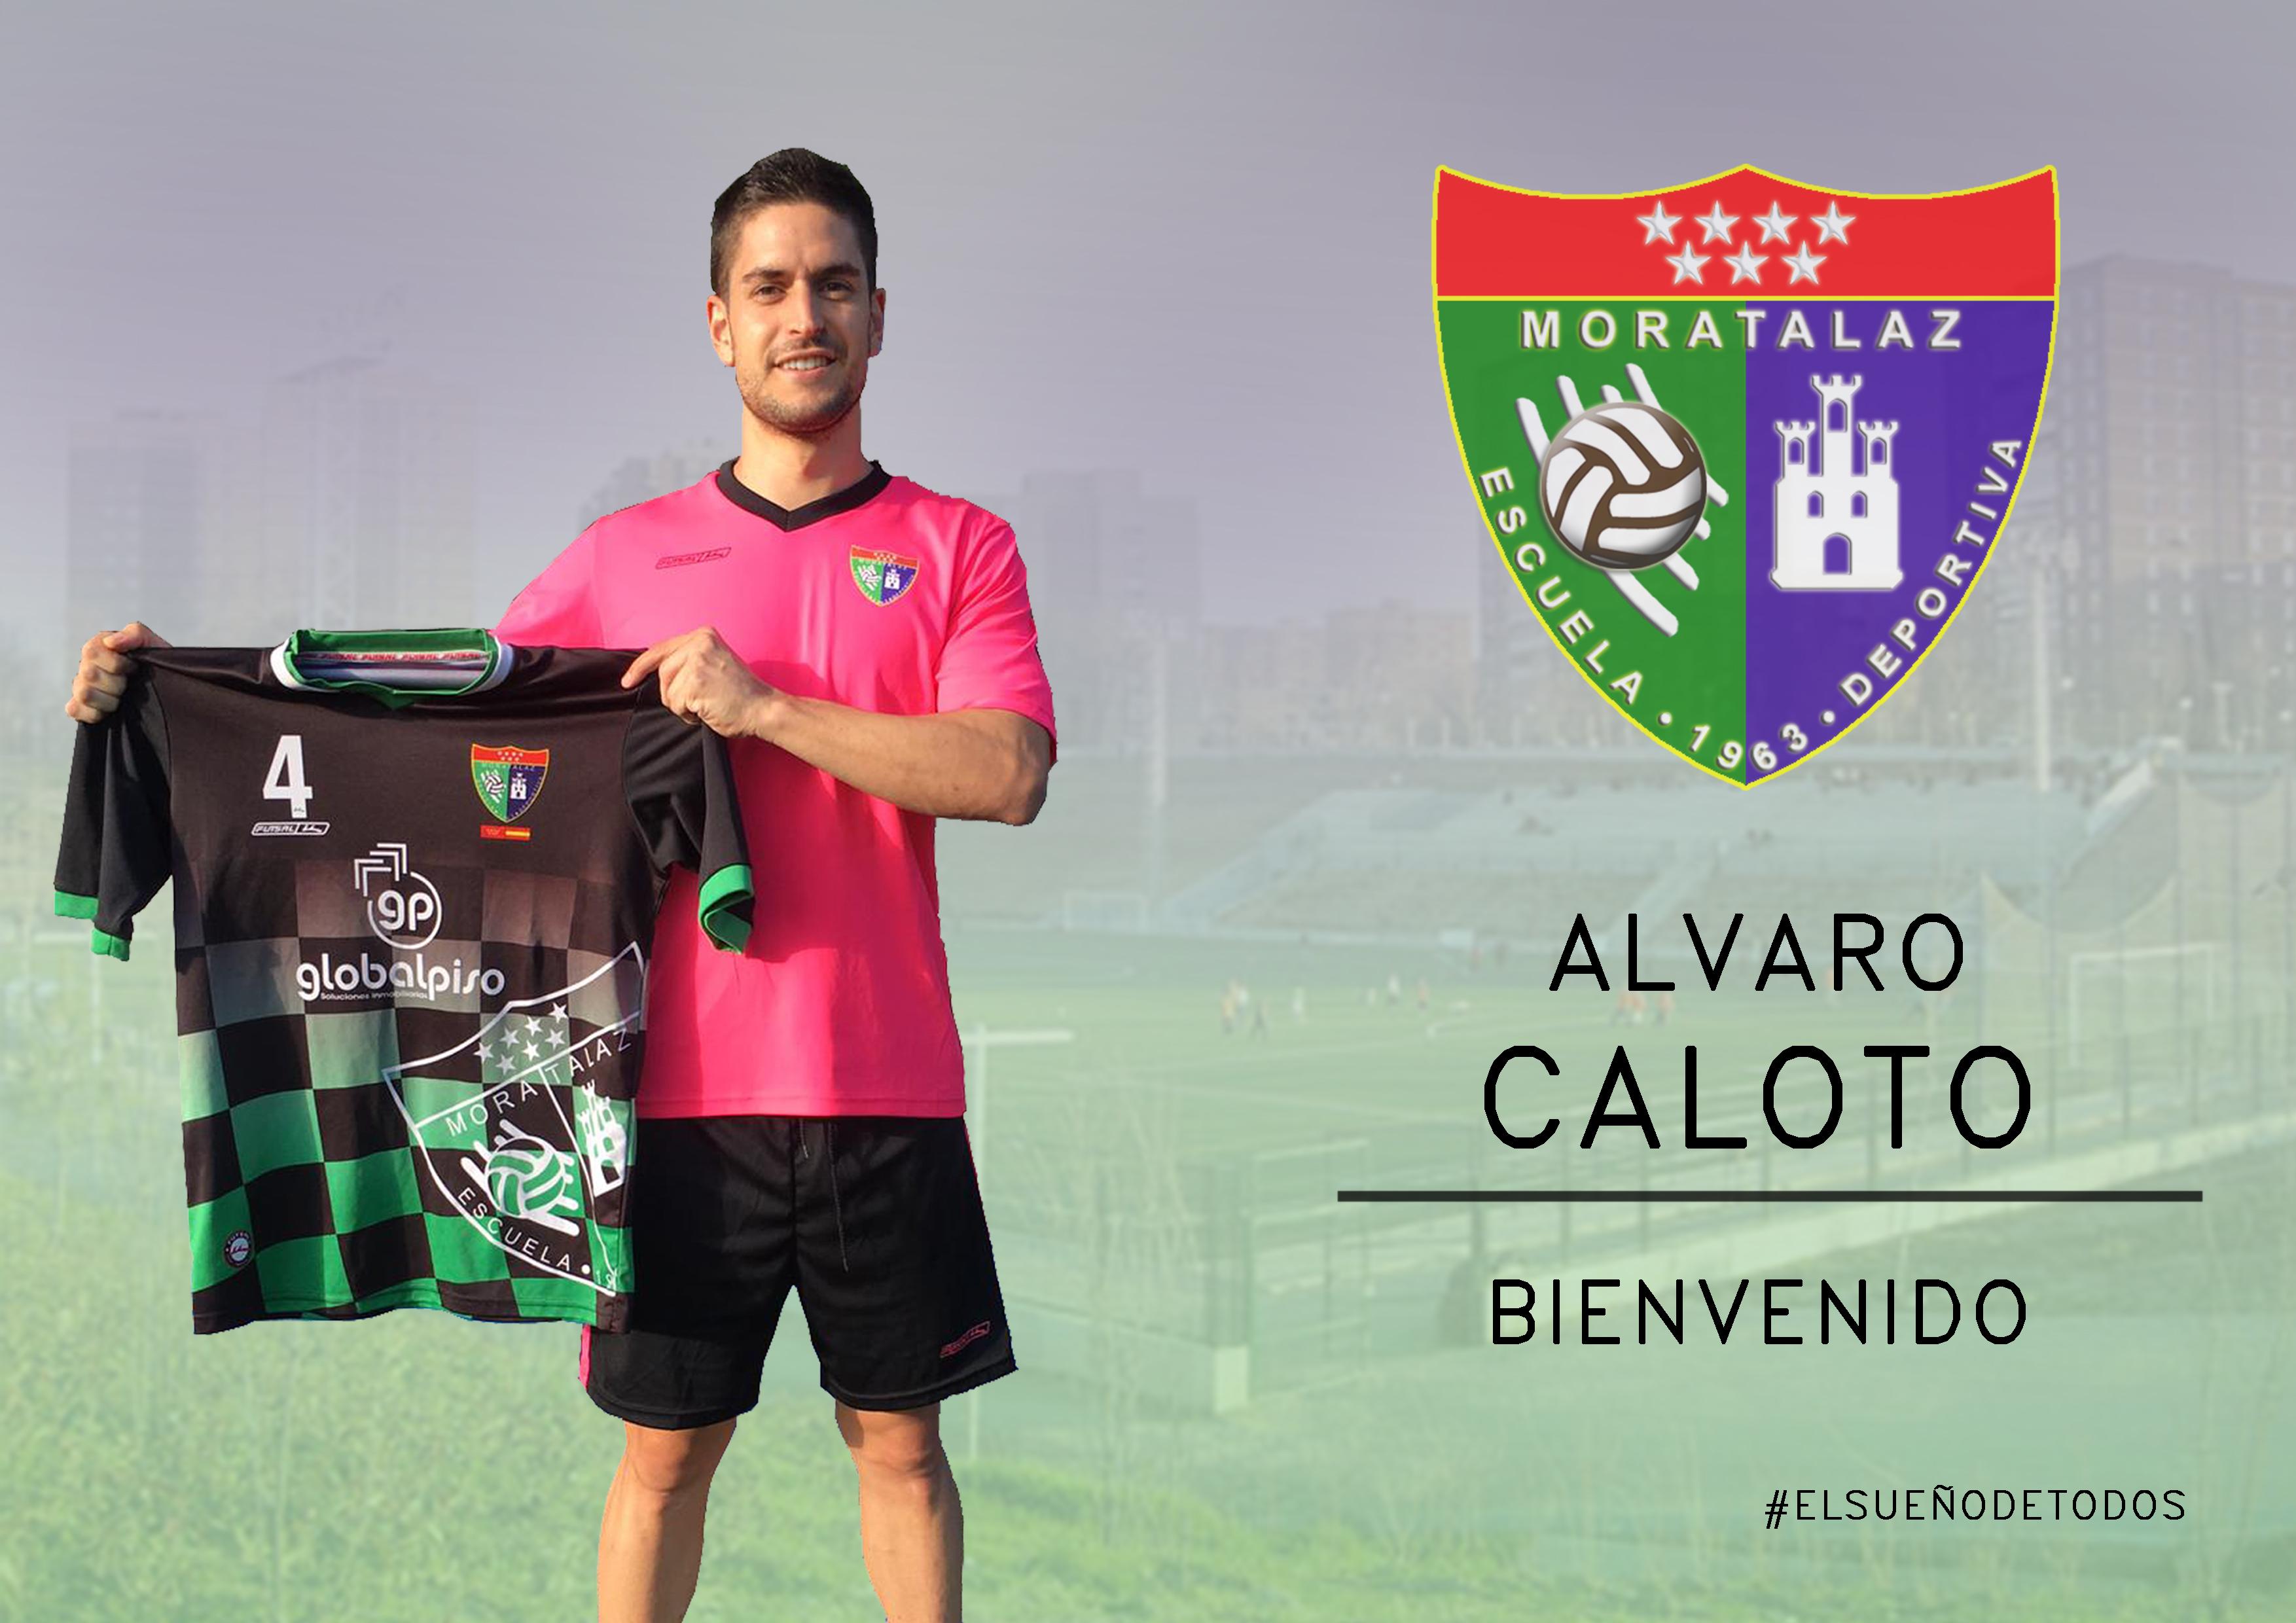 Oficial: Alvaro Caloto, nuevo jugador de la EDM